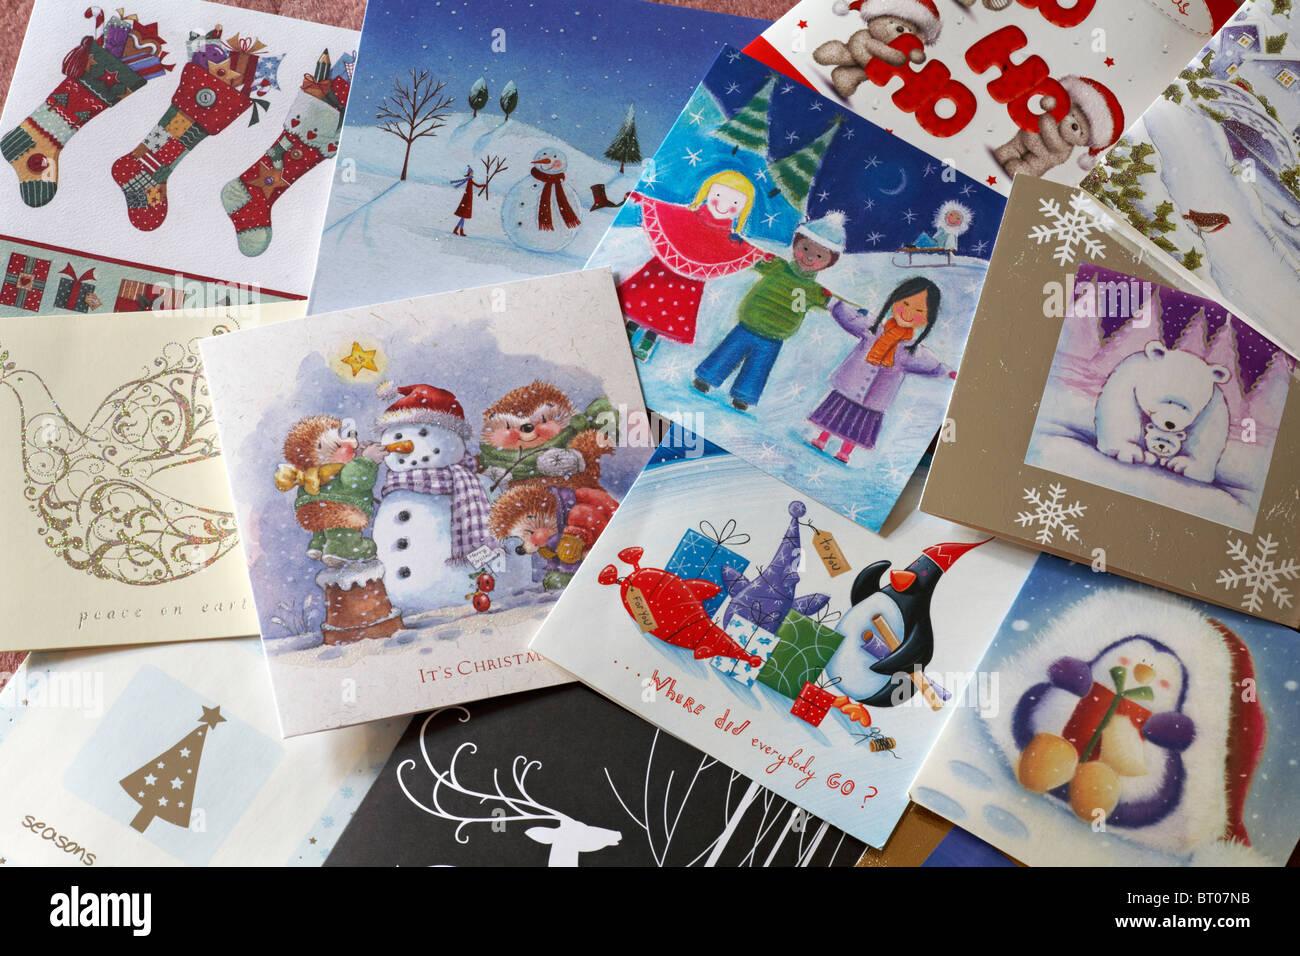 Suche Lustige Weihnachtsbilder.Lustige Weihnachtsbilder Stockfotos Lustige Weihnachtsbilder